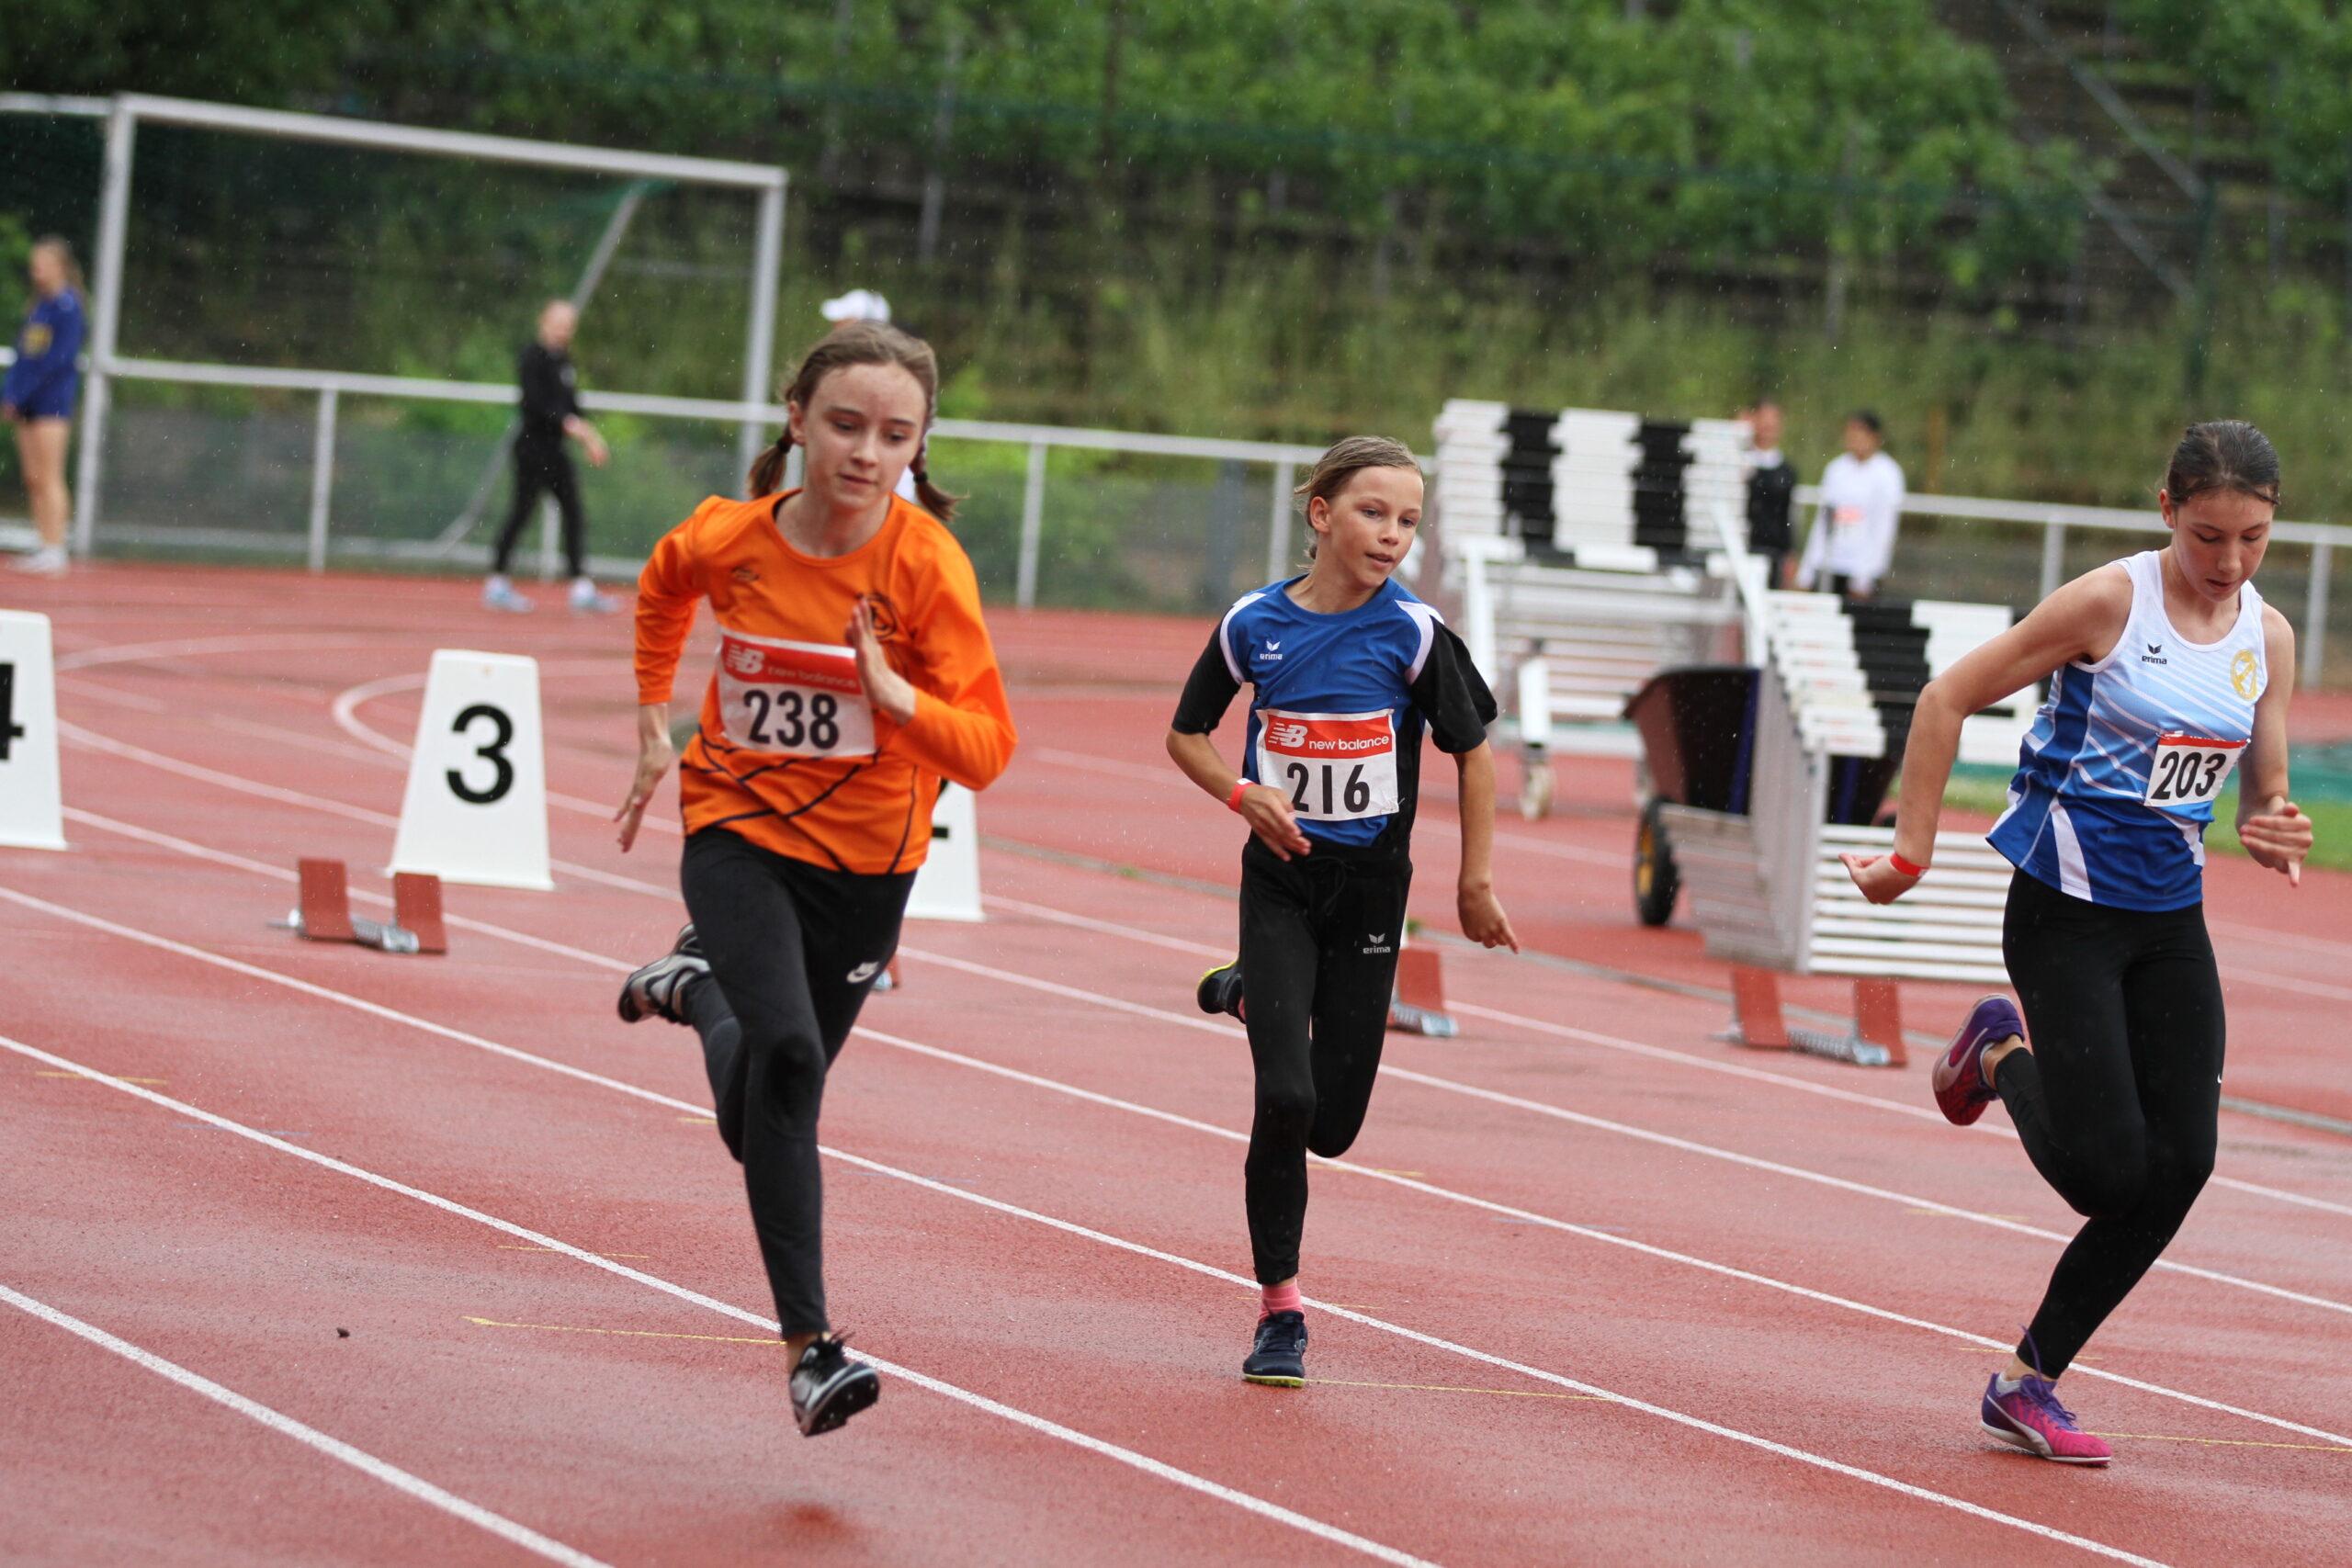 Vivid Krems (W12) wird Doppelsiegerin mit 10,49 Sekunden im 75 m Lauf und 2:42,13 min. über 800 Meter